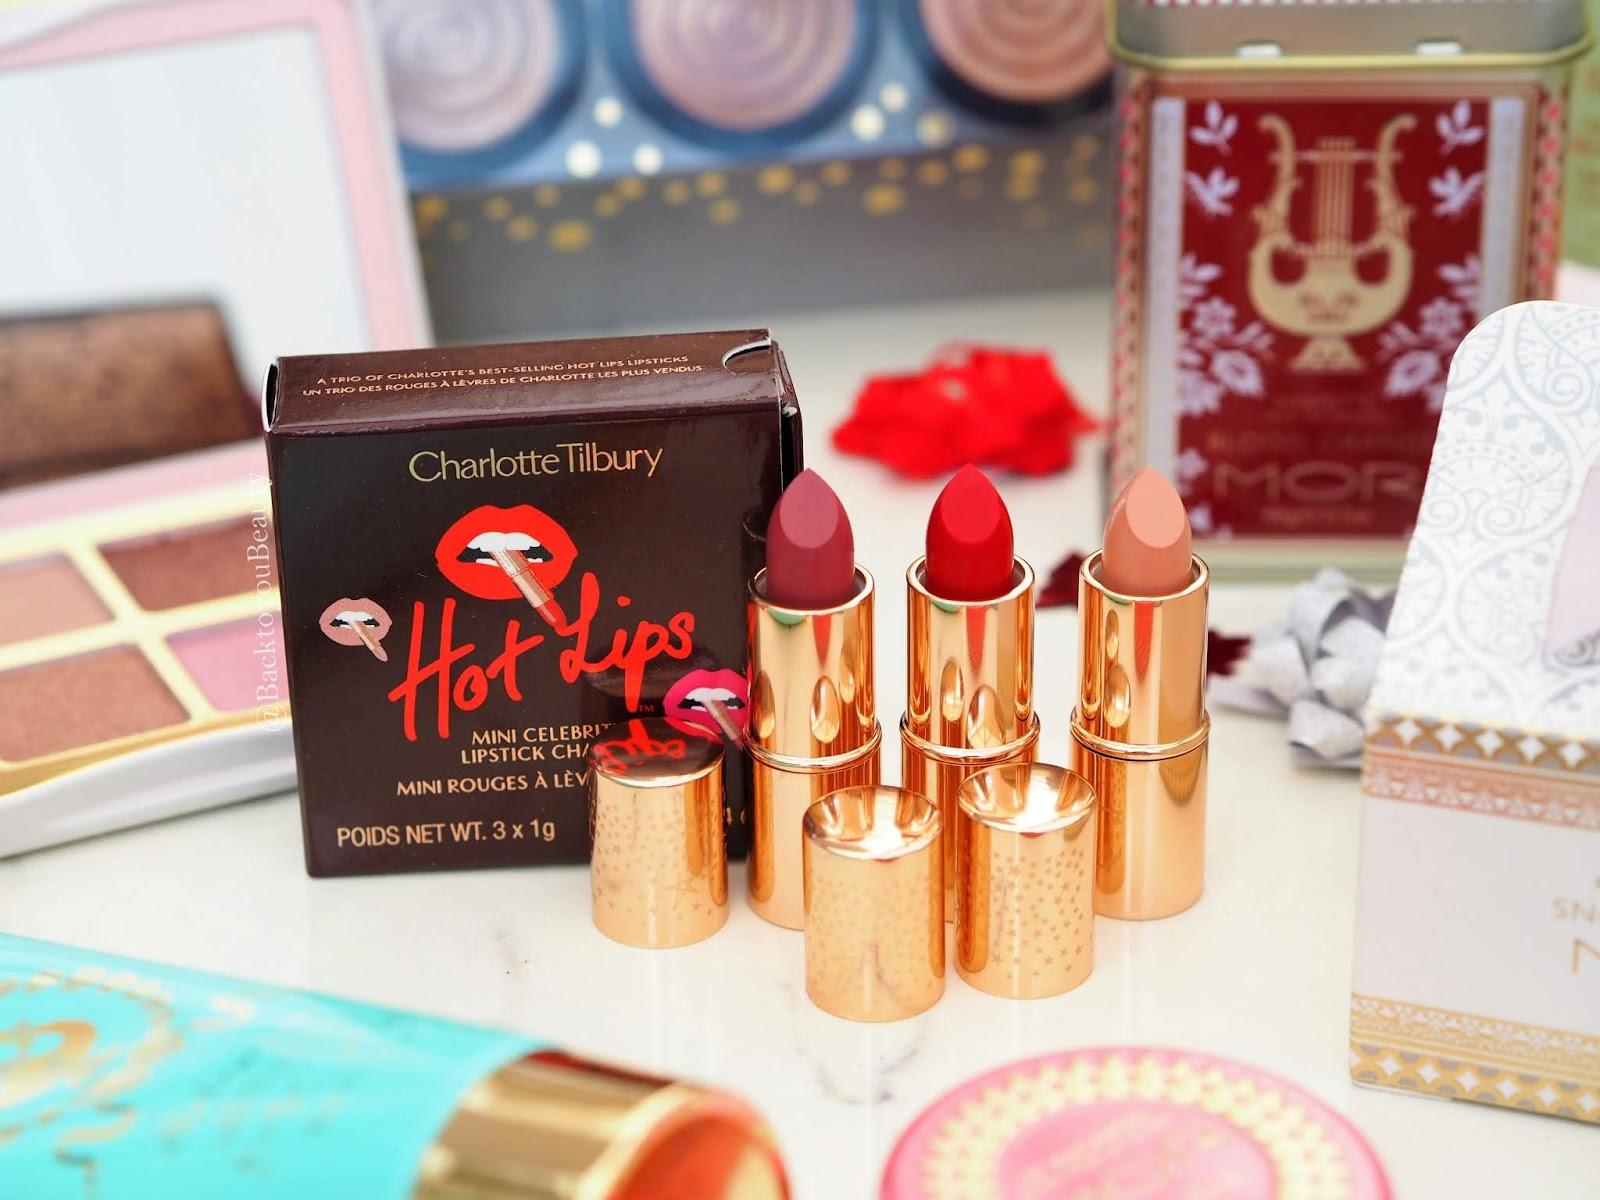 Charlotte Tilbury Mini Lipstick trio